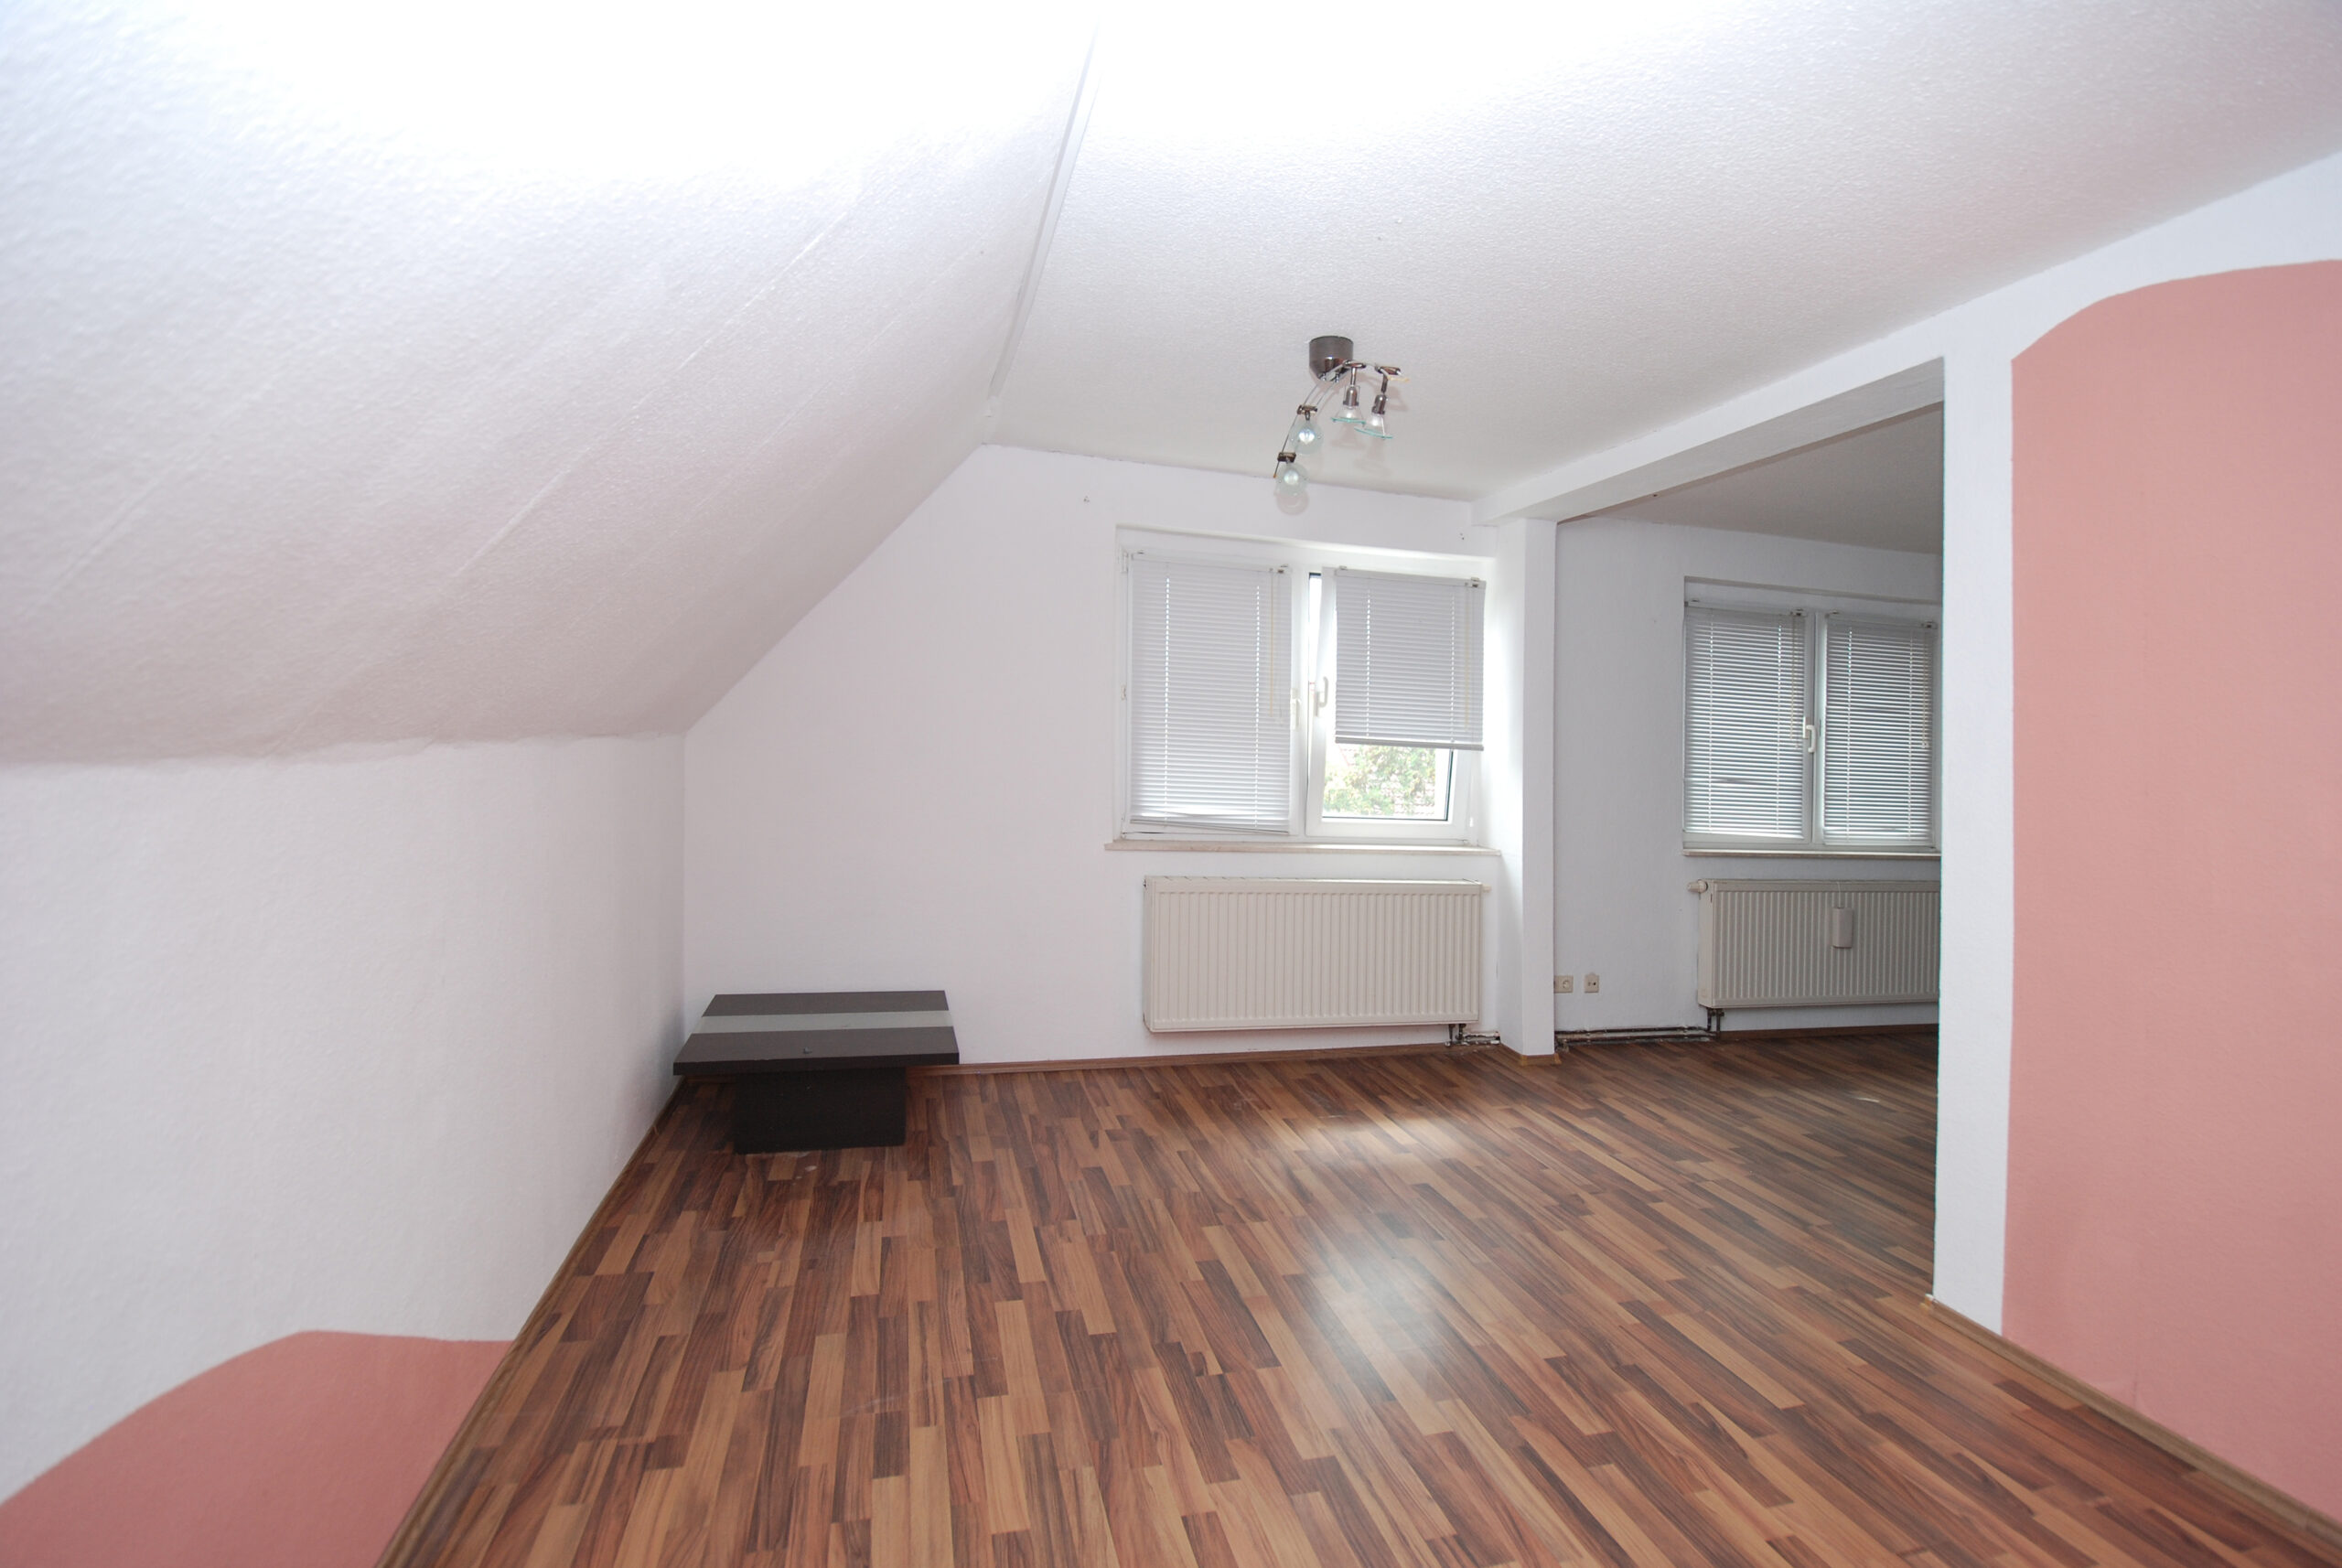 Wohn- u. Geschäftshaus - DG - Zimmerdetail Wohnung DG